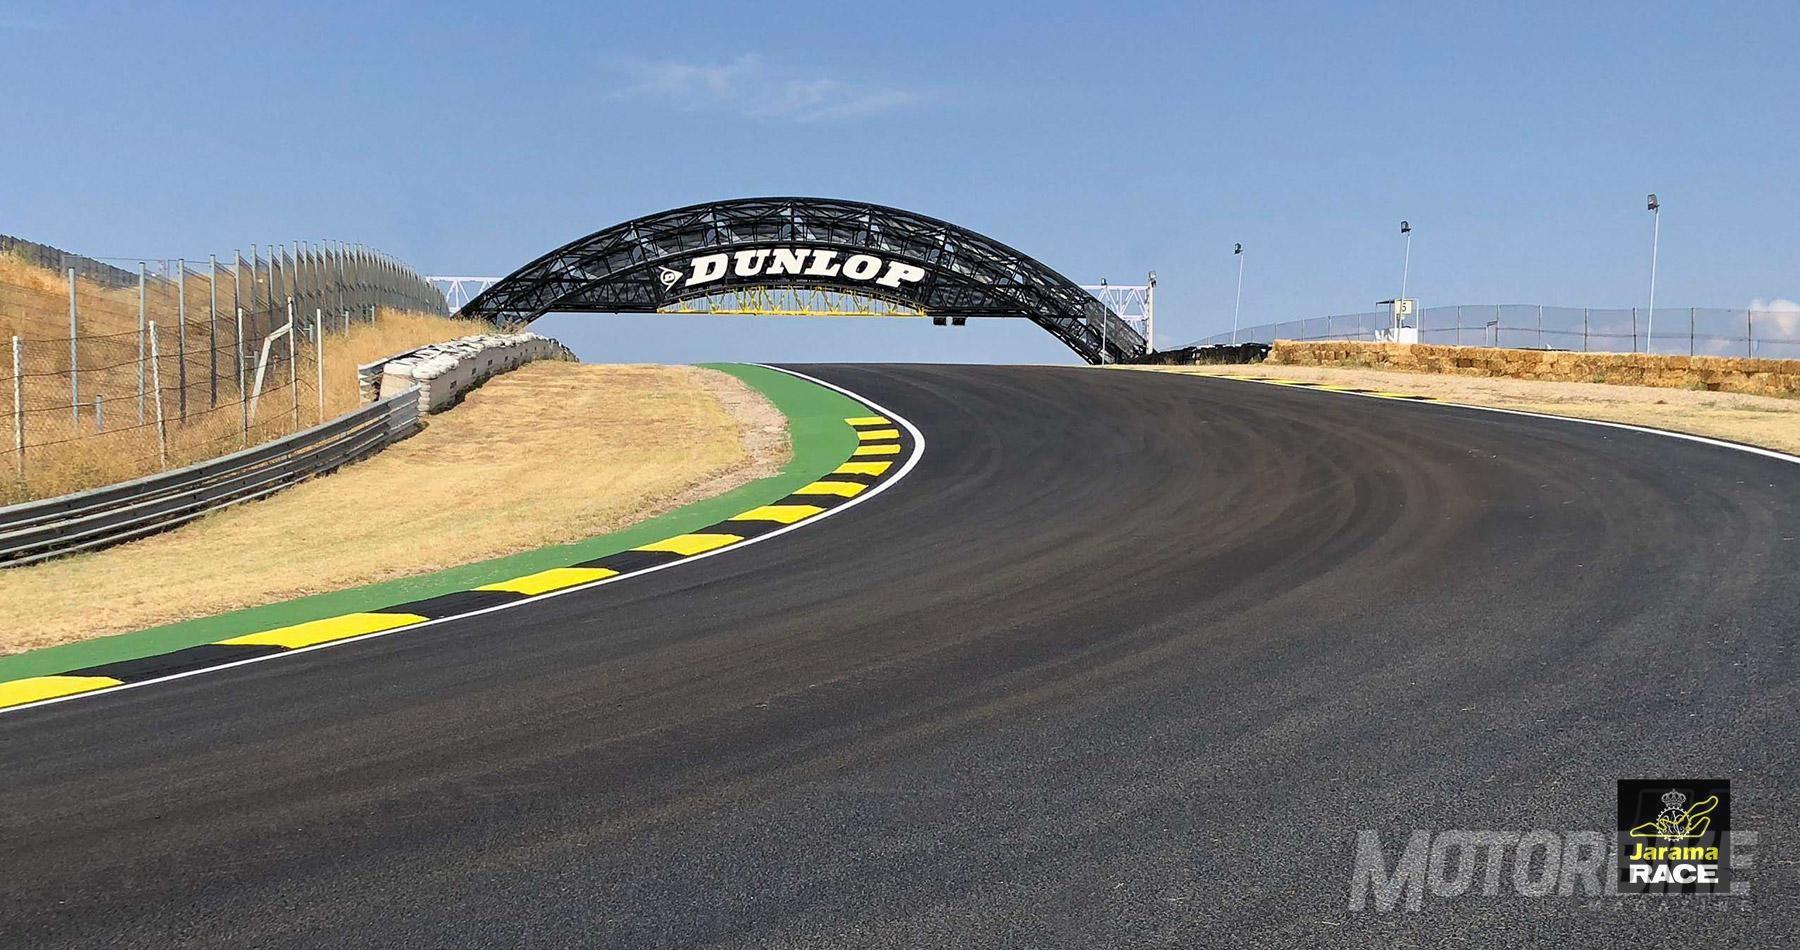 Circuito Jarama : Circuito jarama curvas le mans farina youtube